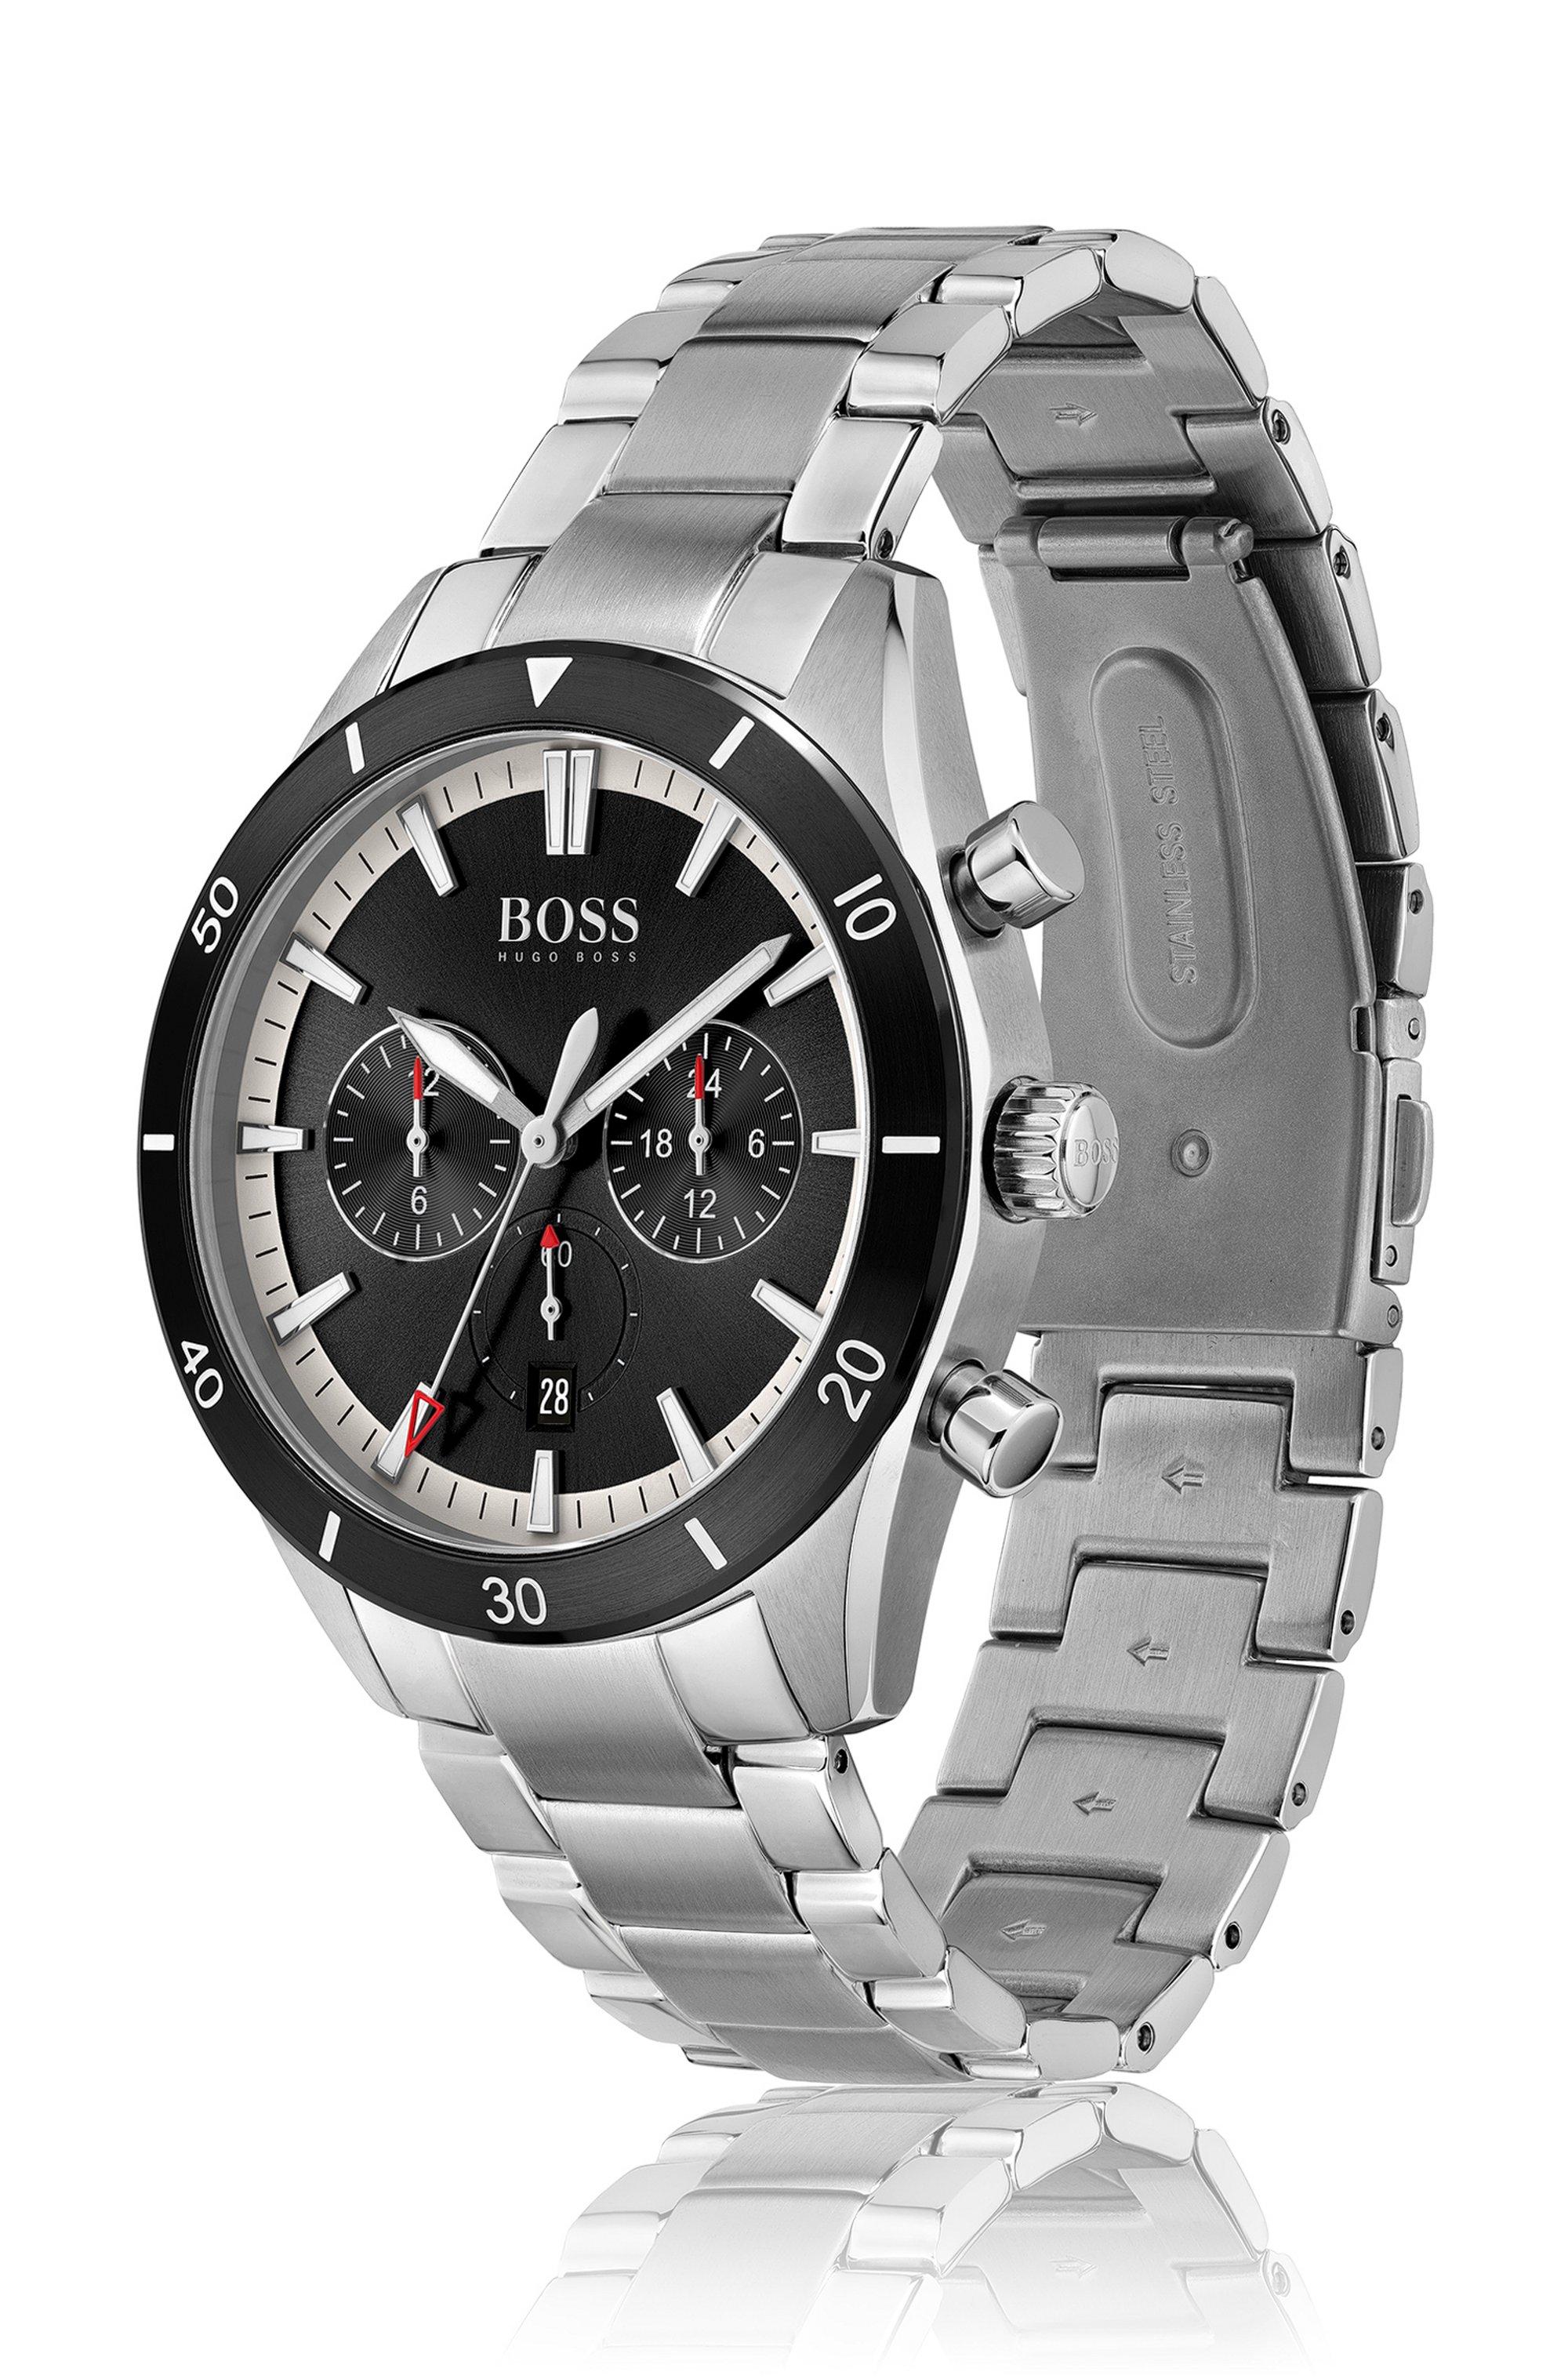 Black-bezel multi-eye watch with link bracelet